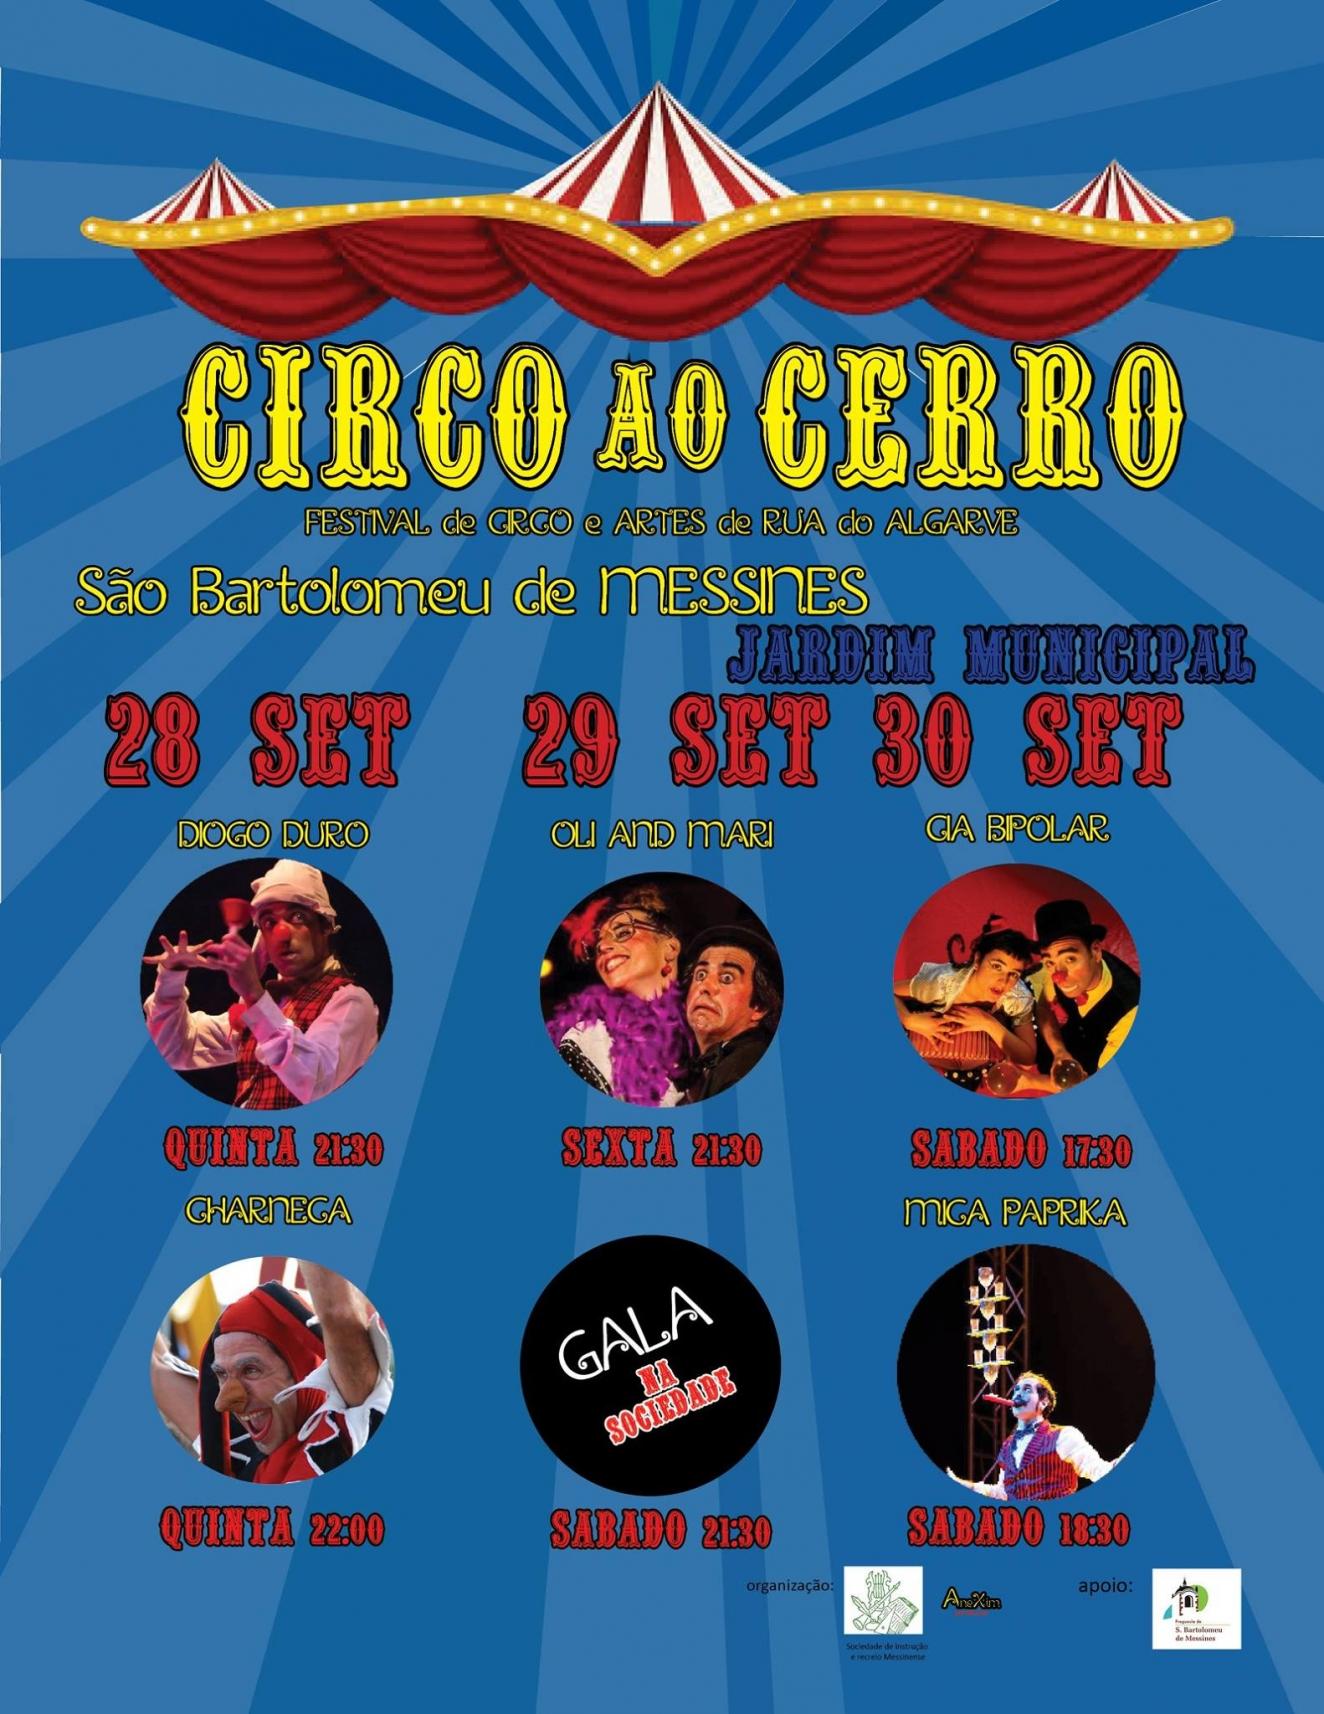 Circo ao Cerro - Festival de Circo e Artes de Rua do Algarve